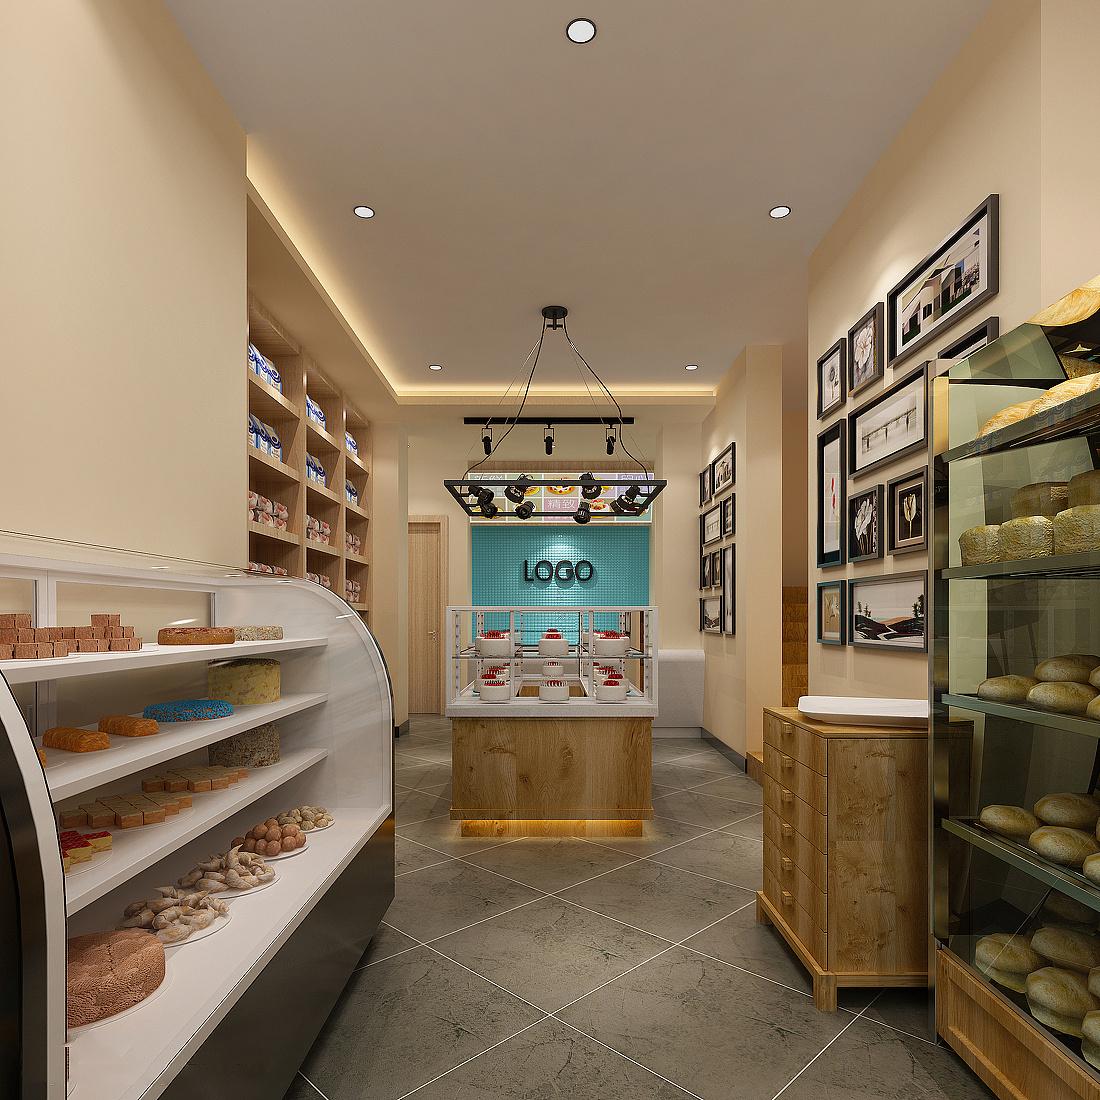 成都蛋糕店怎样装修设计|空间|室内设计|jinbiao9898